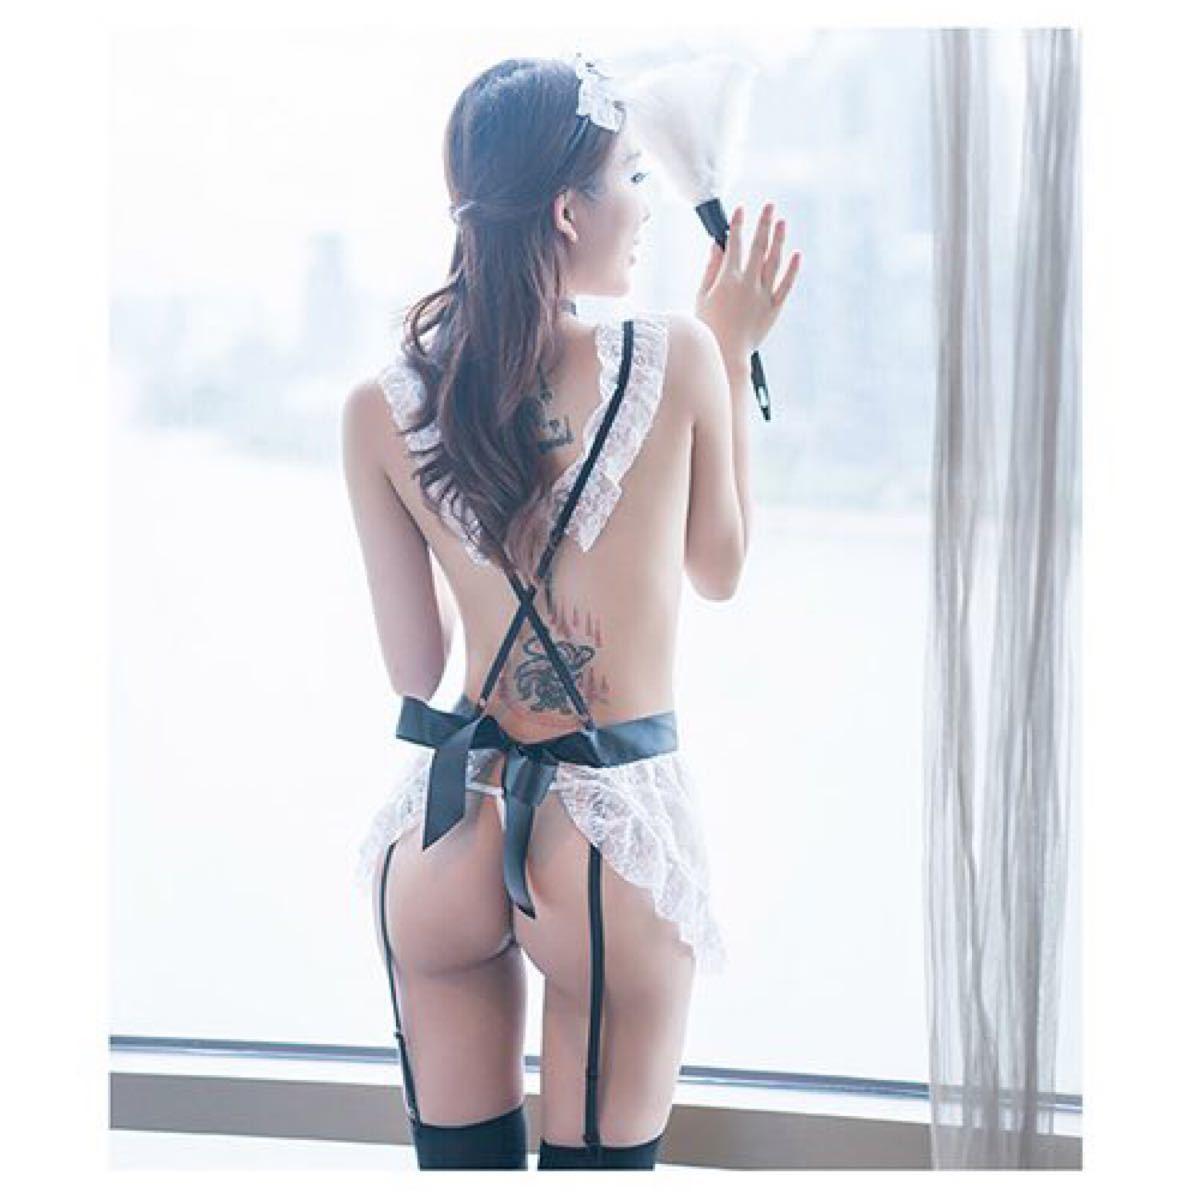 セクシーランジェリー メイド エプロン 透け ベビードール 制服 コスプレ